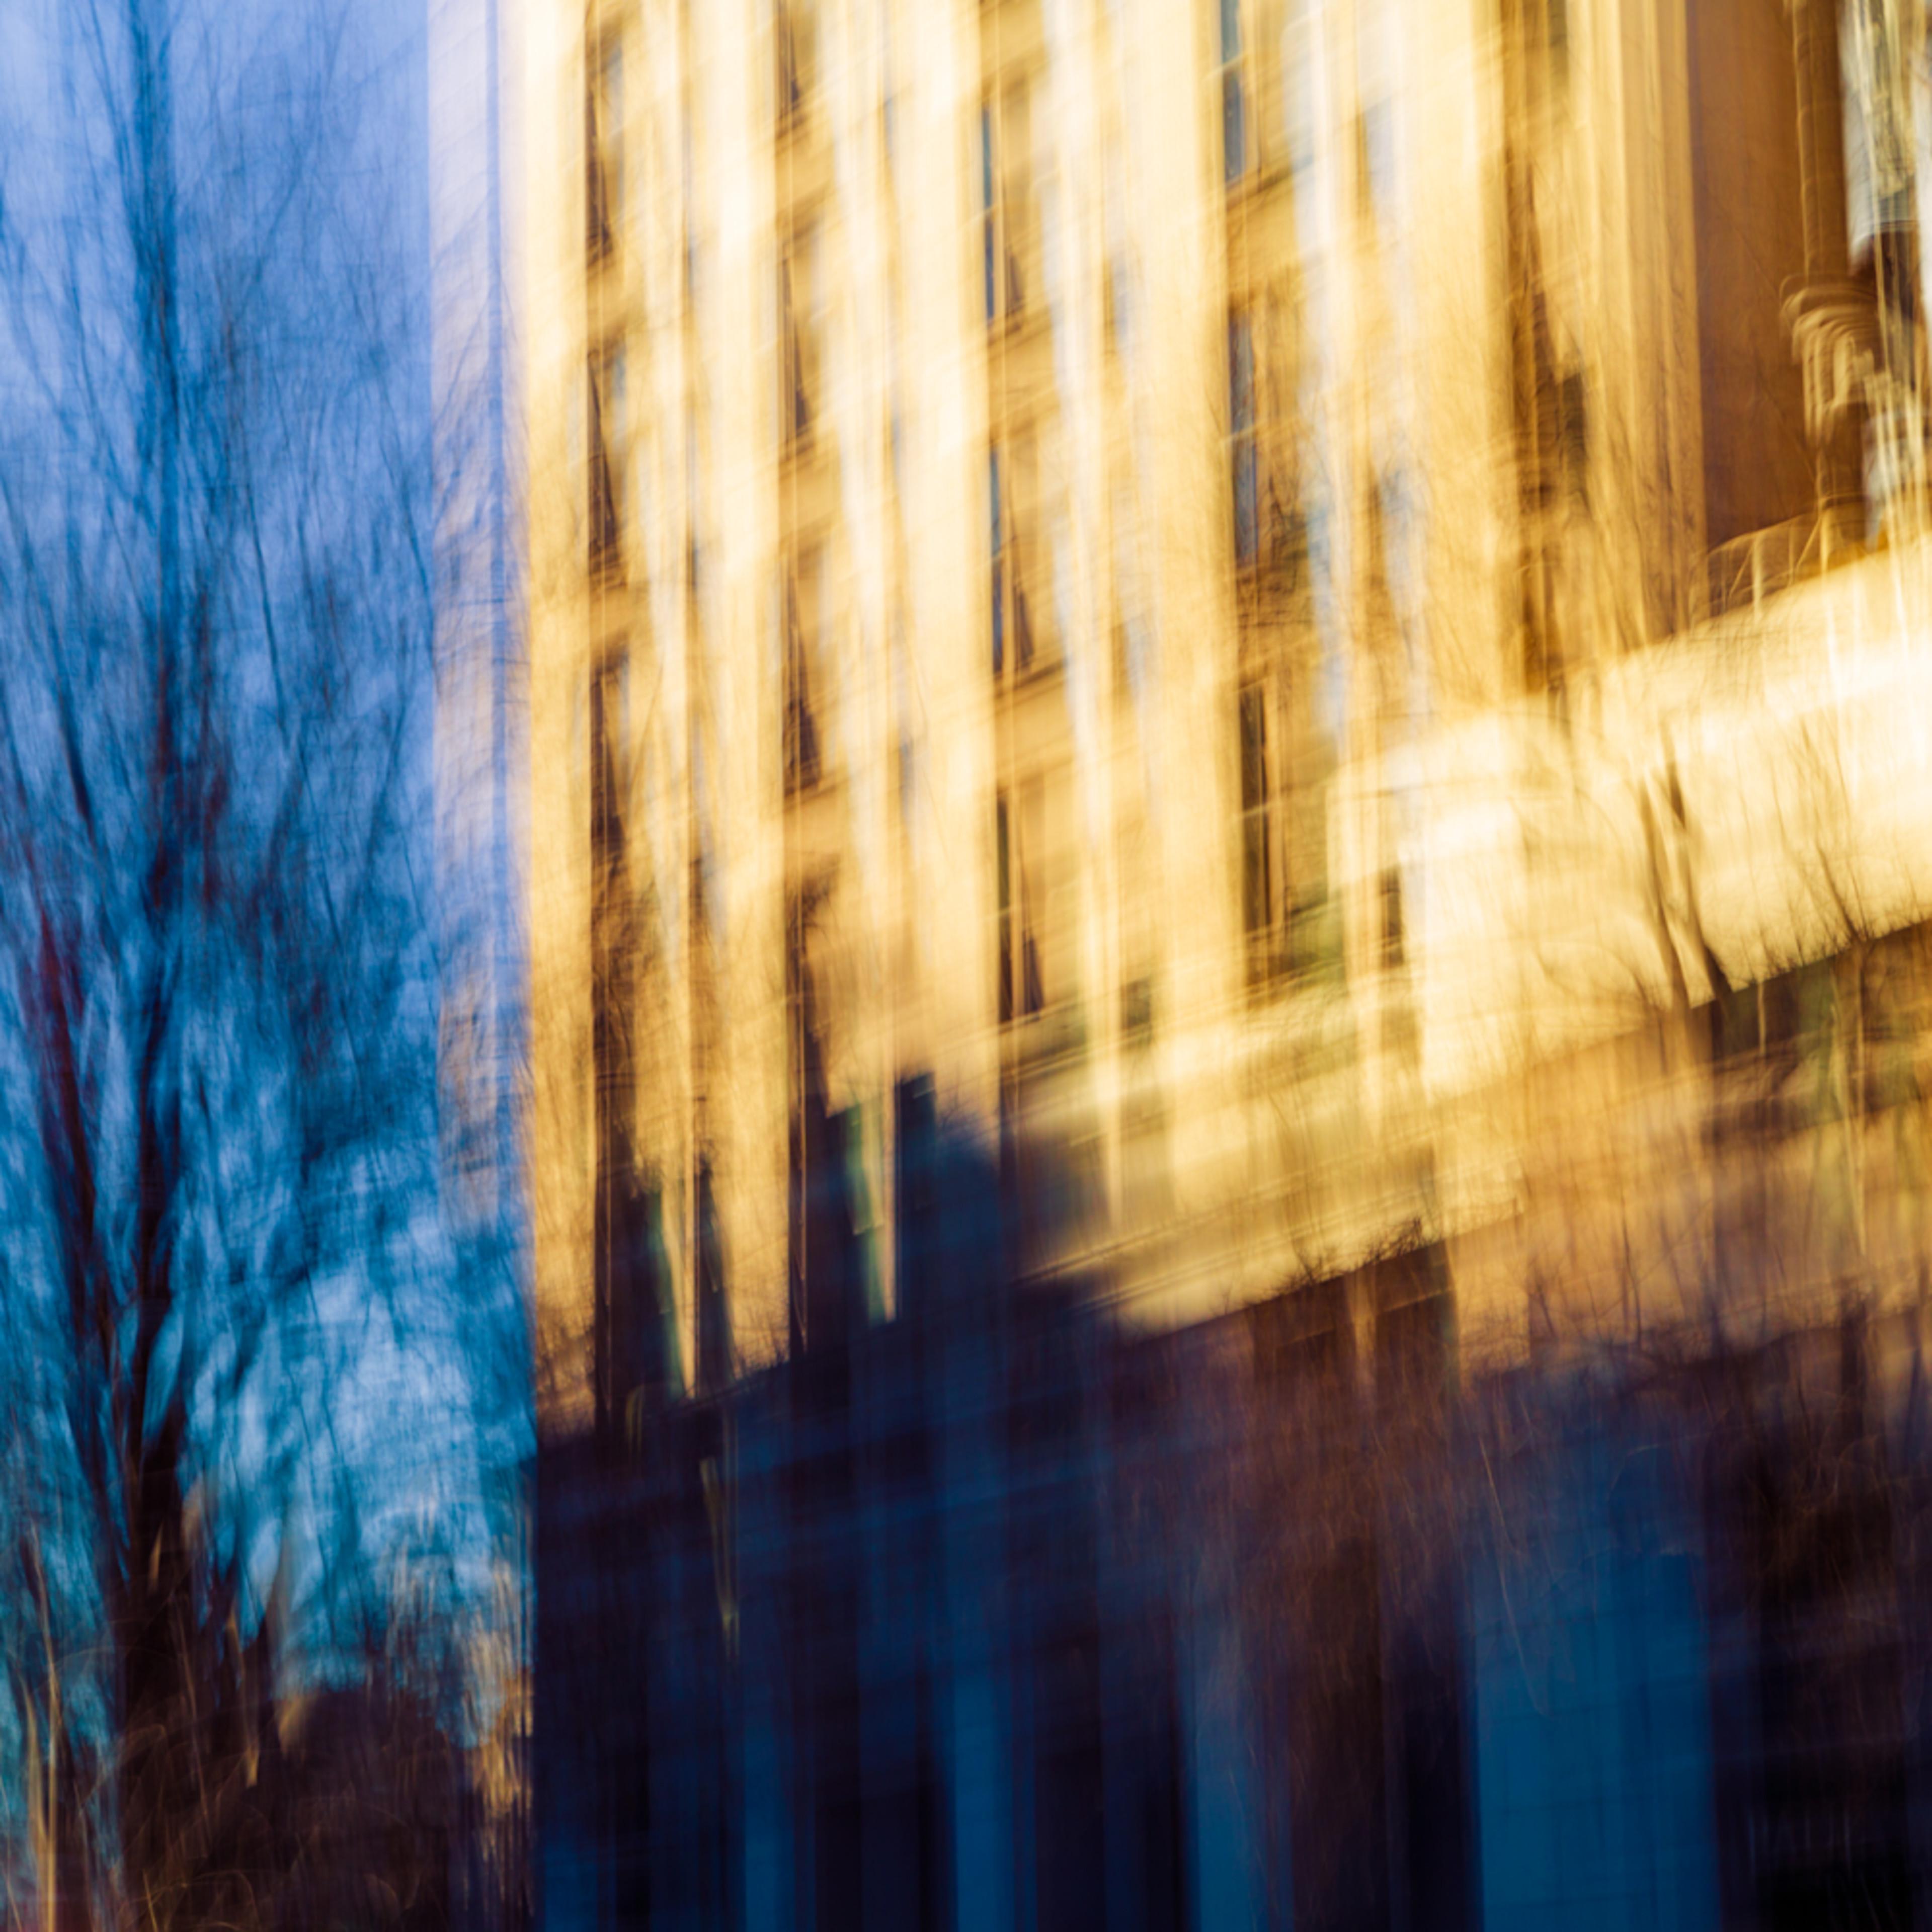 Urban abstract 7388 owxljp